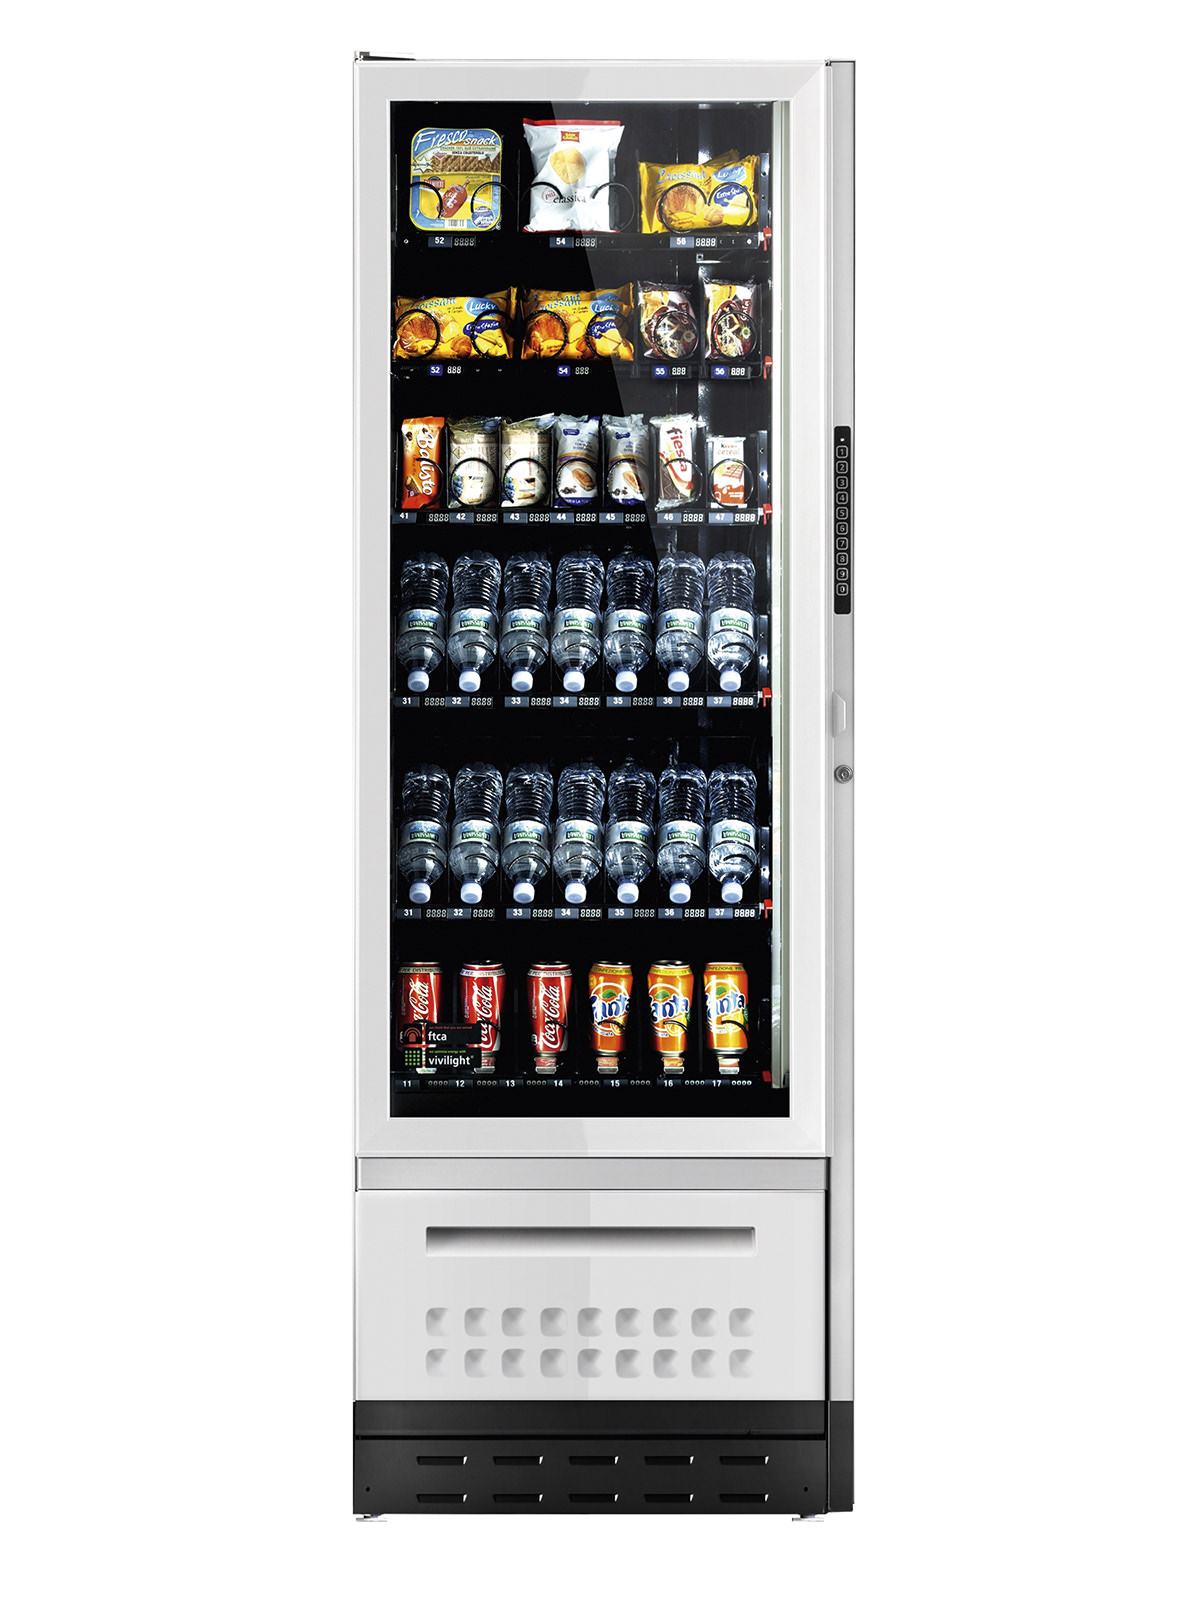 Großer Vending Snackautomat mit einer Auswahl an Getränken und Snacks